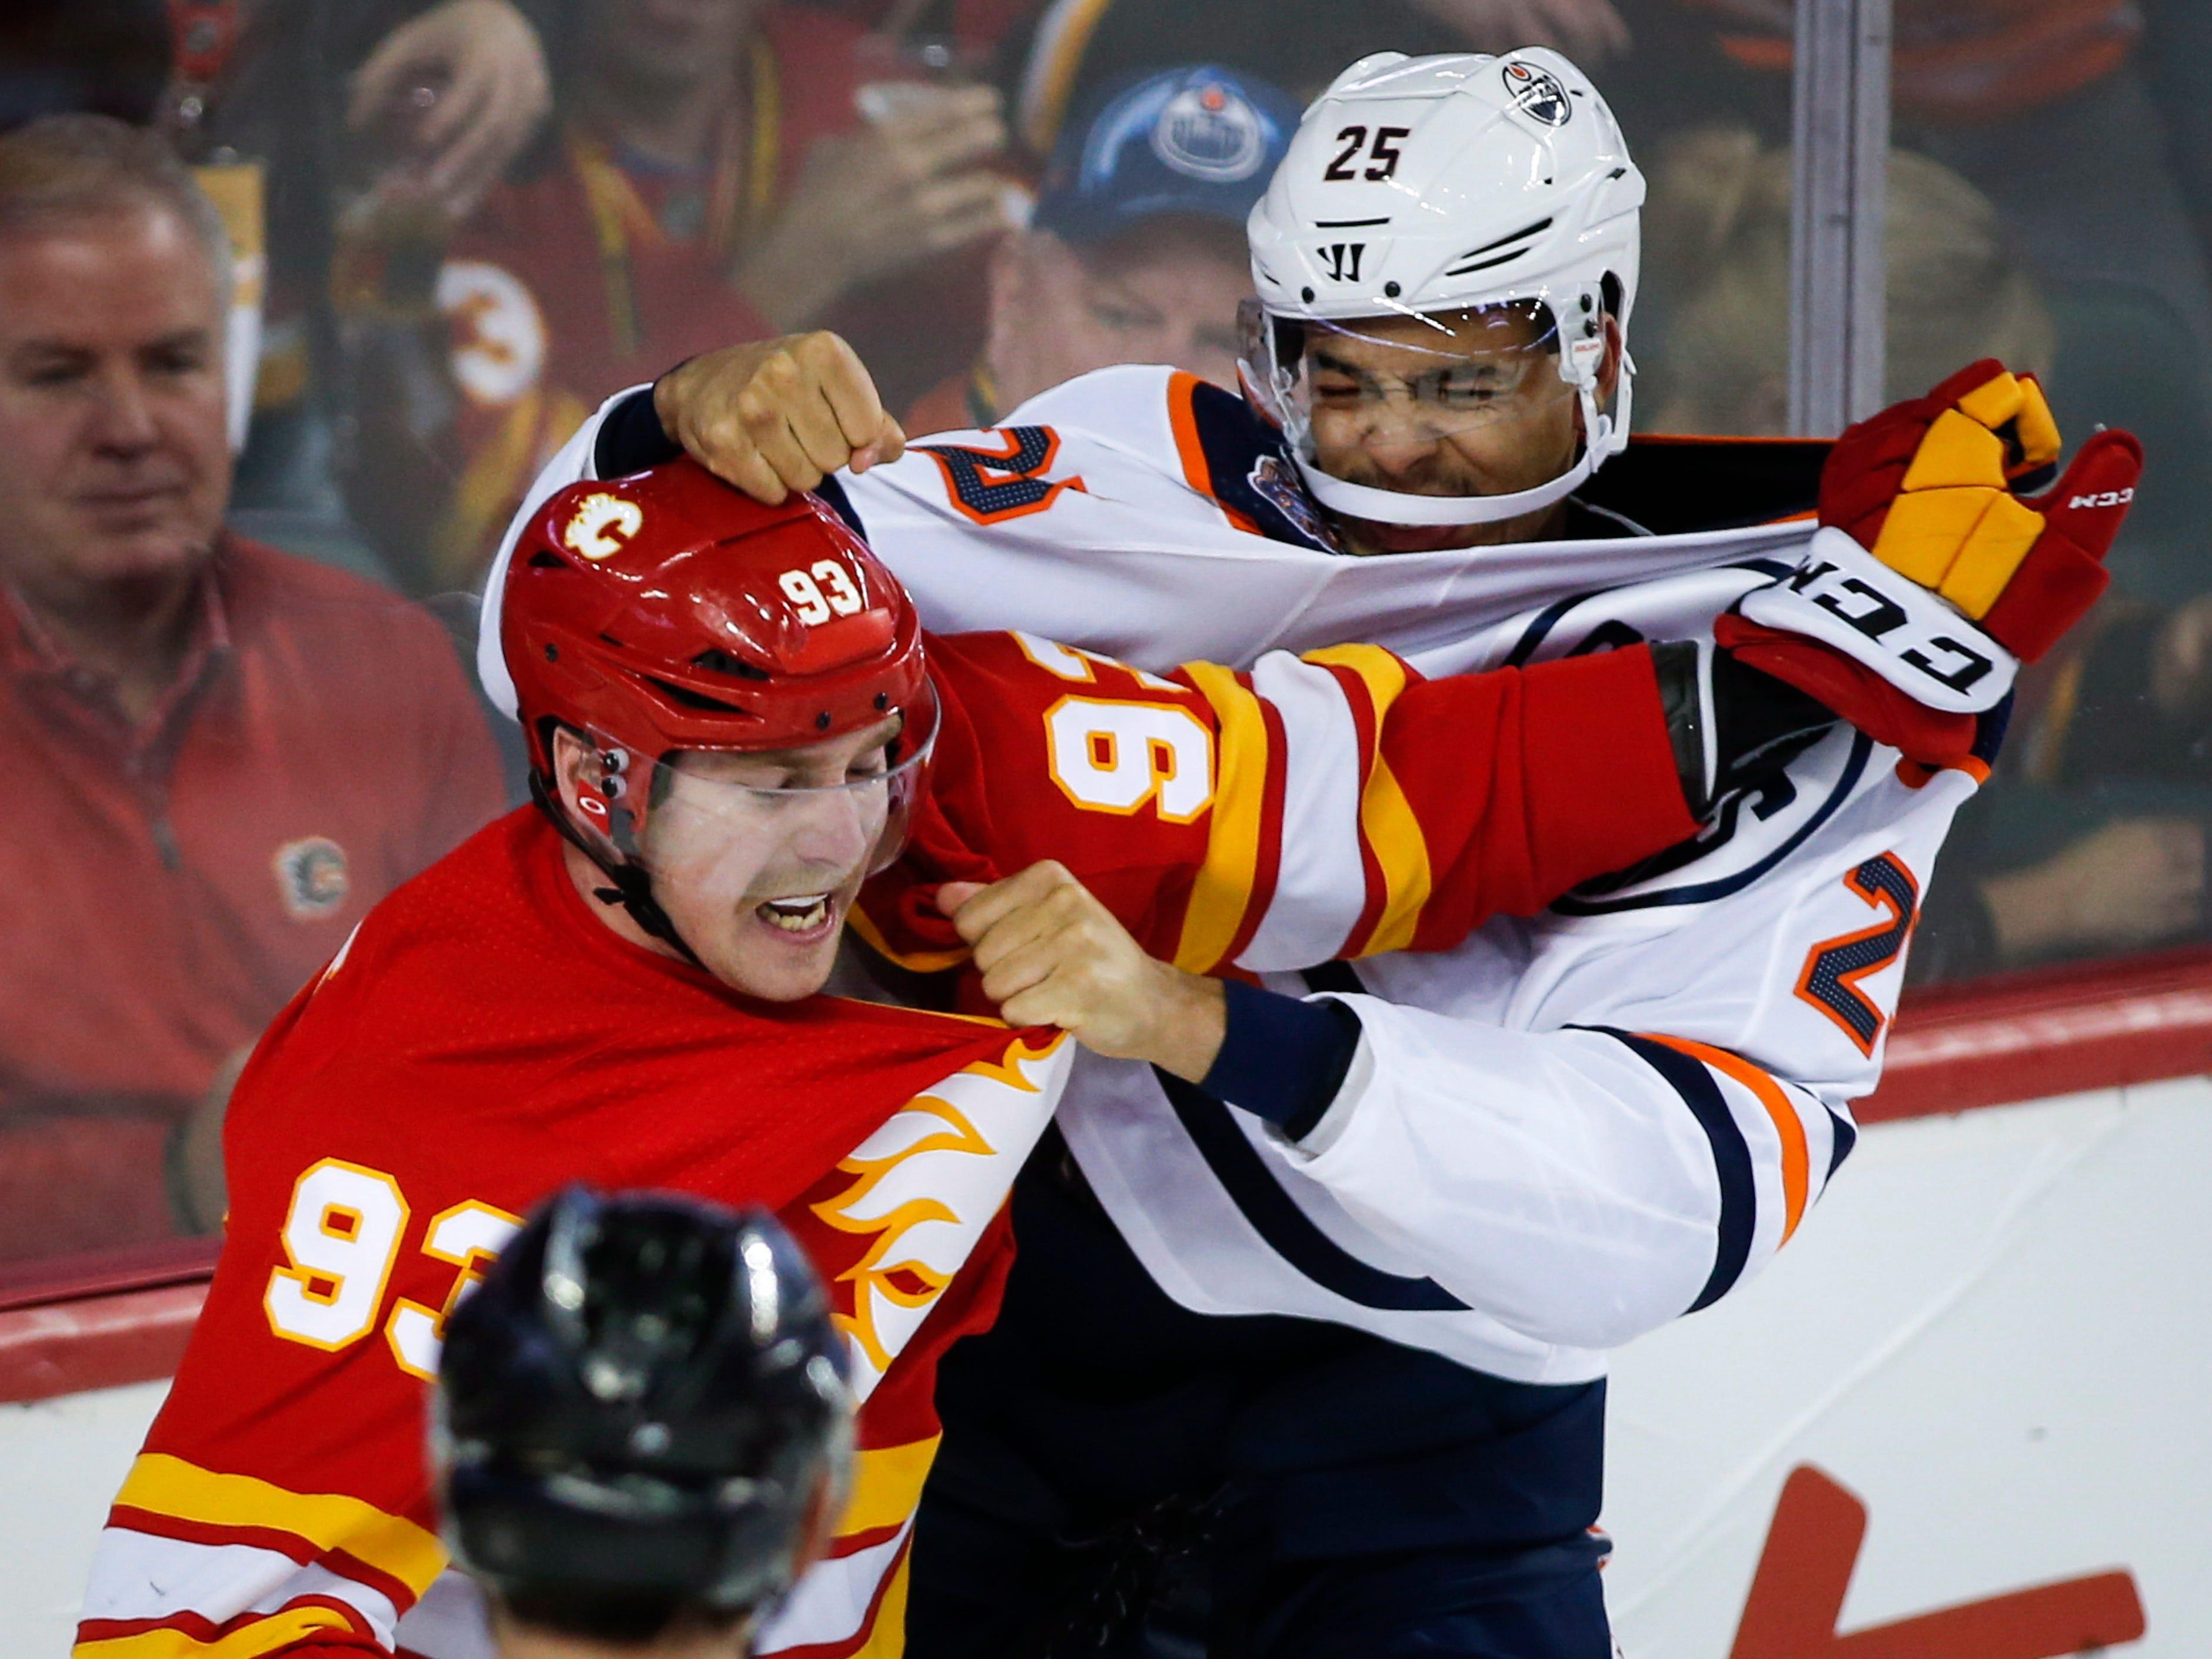 Nov. 17: Edmonton Oilers' Darnell Nurse vs. Calgary Flames' Sam Bennett.